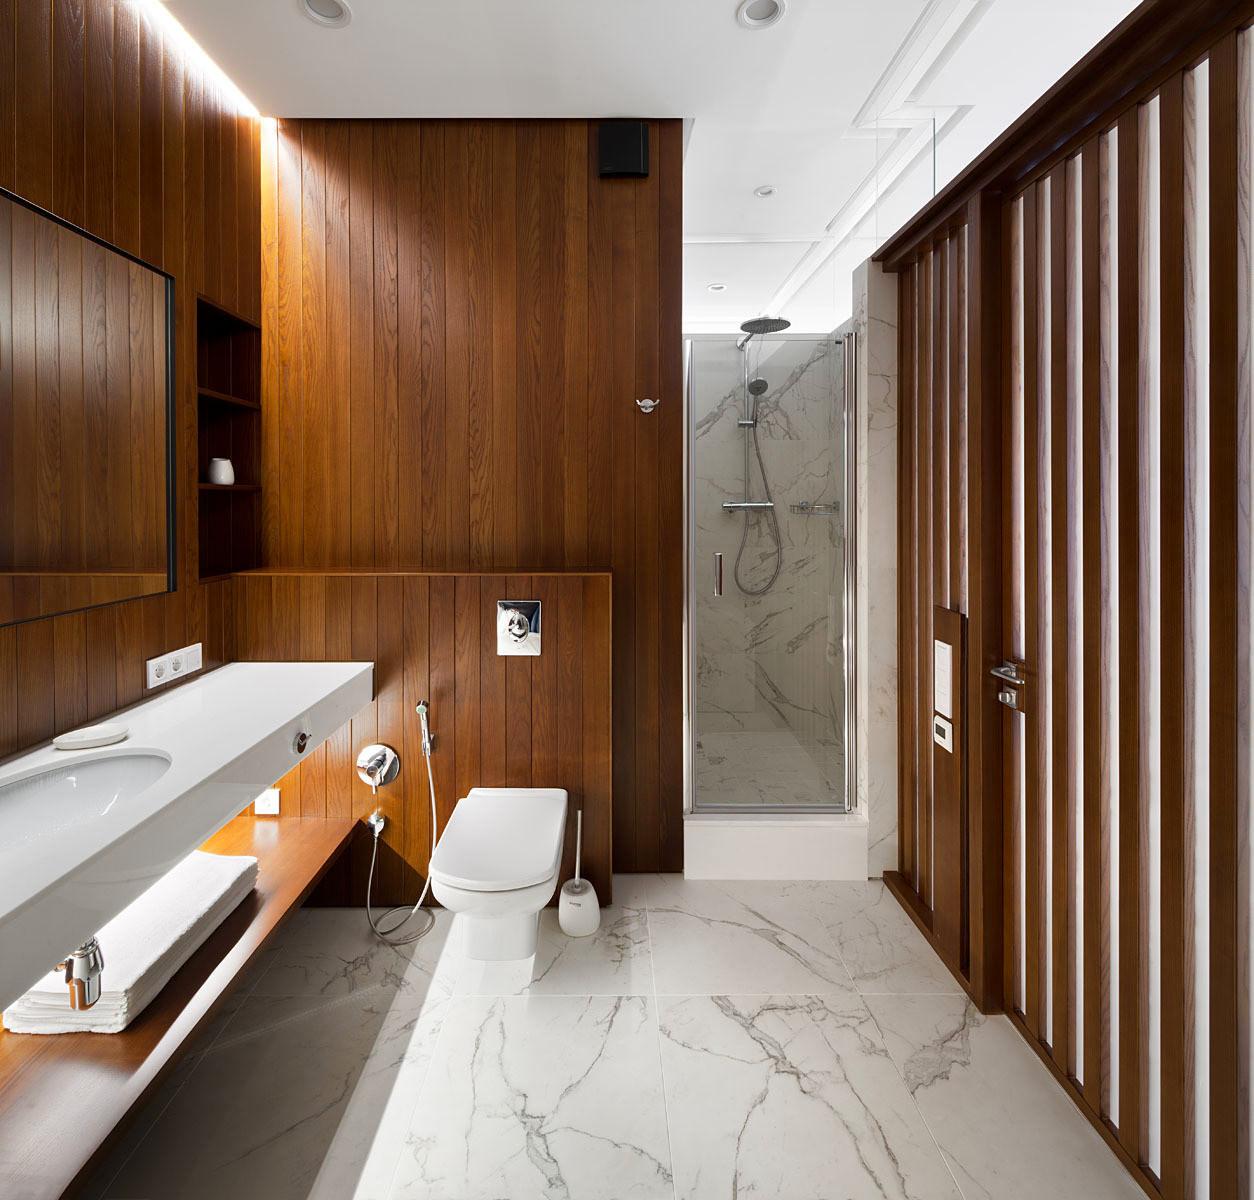 prostoren-apartament-s-eleganten-interior-120-m-9g